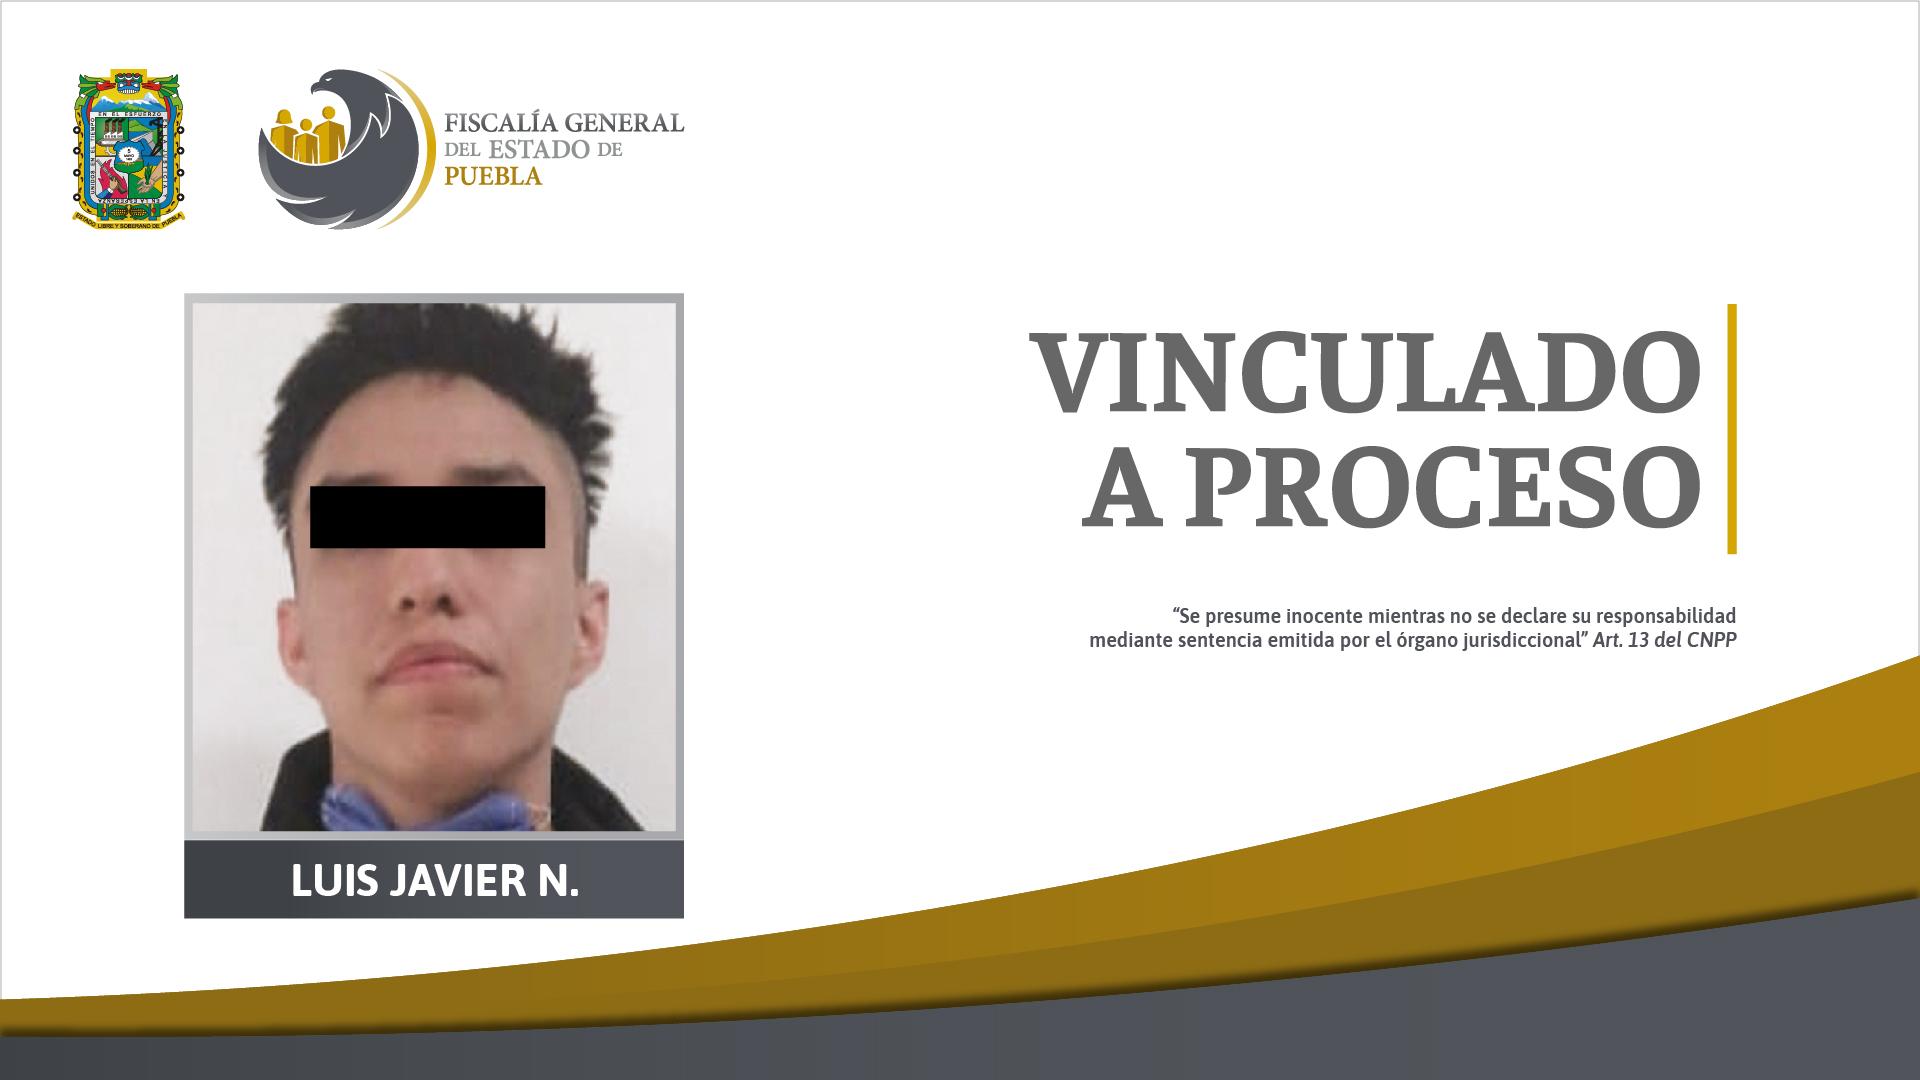 Luis de 19 años secuestró a un joven en Tetela y pidió 3 millones de pesos